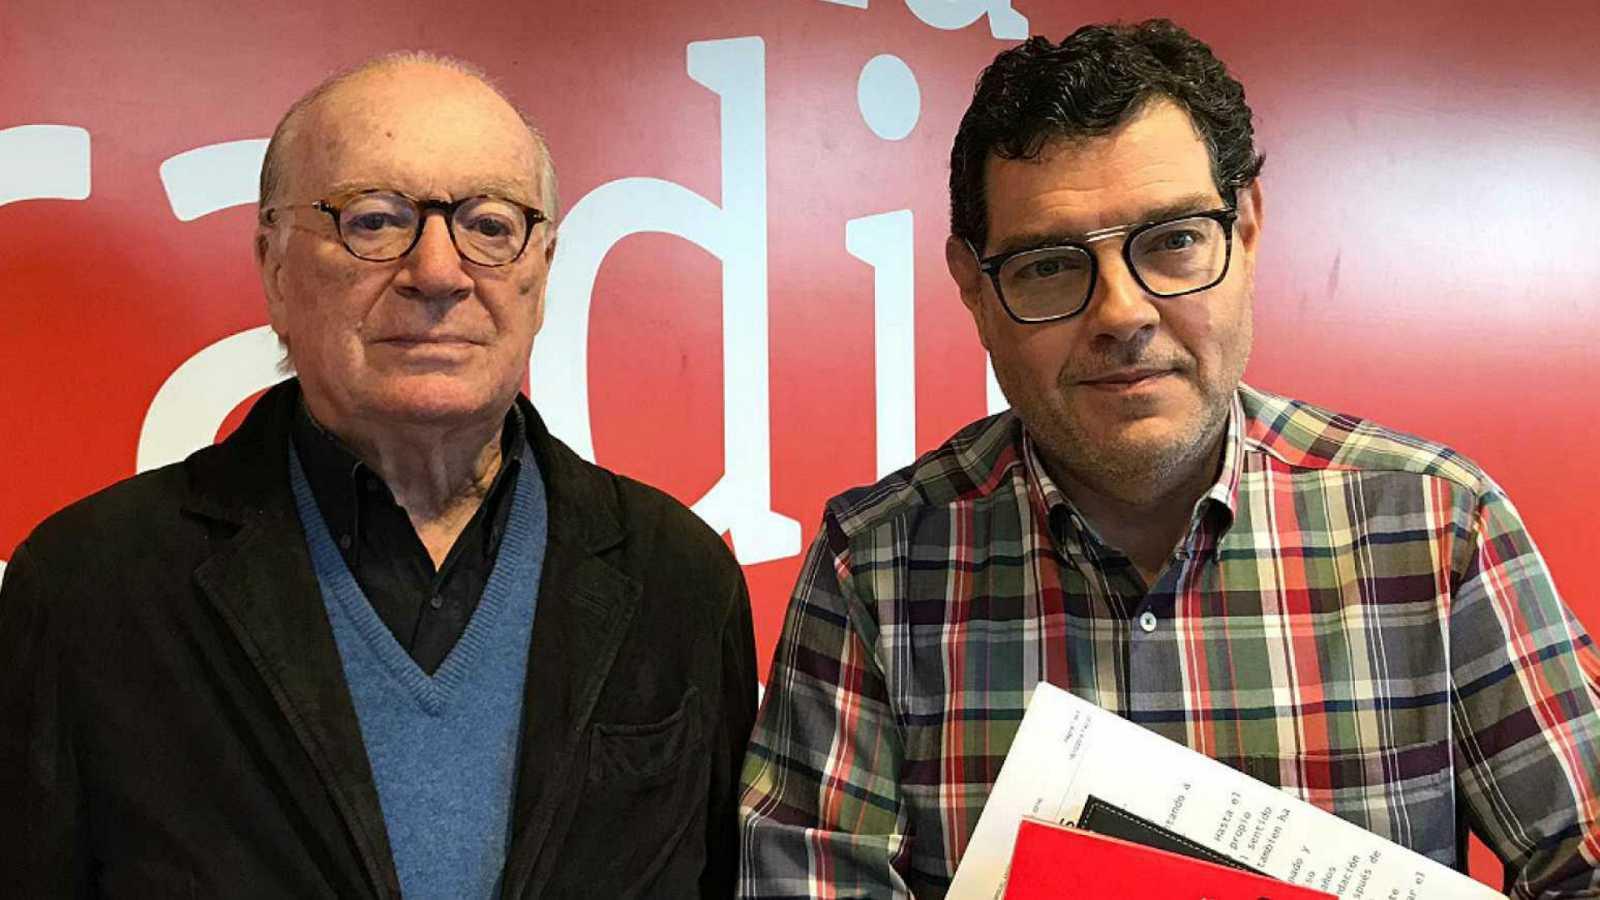 La entrevista de Radio 5 - Nicolás Sartorius - 16/12/20  - Escuchar ahora